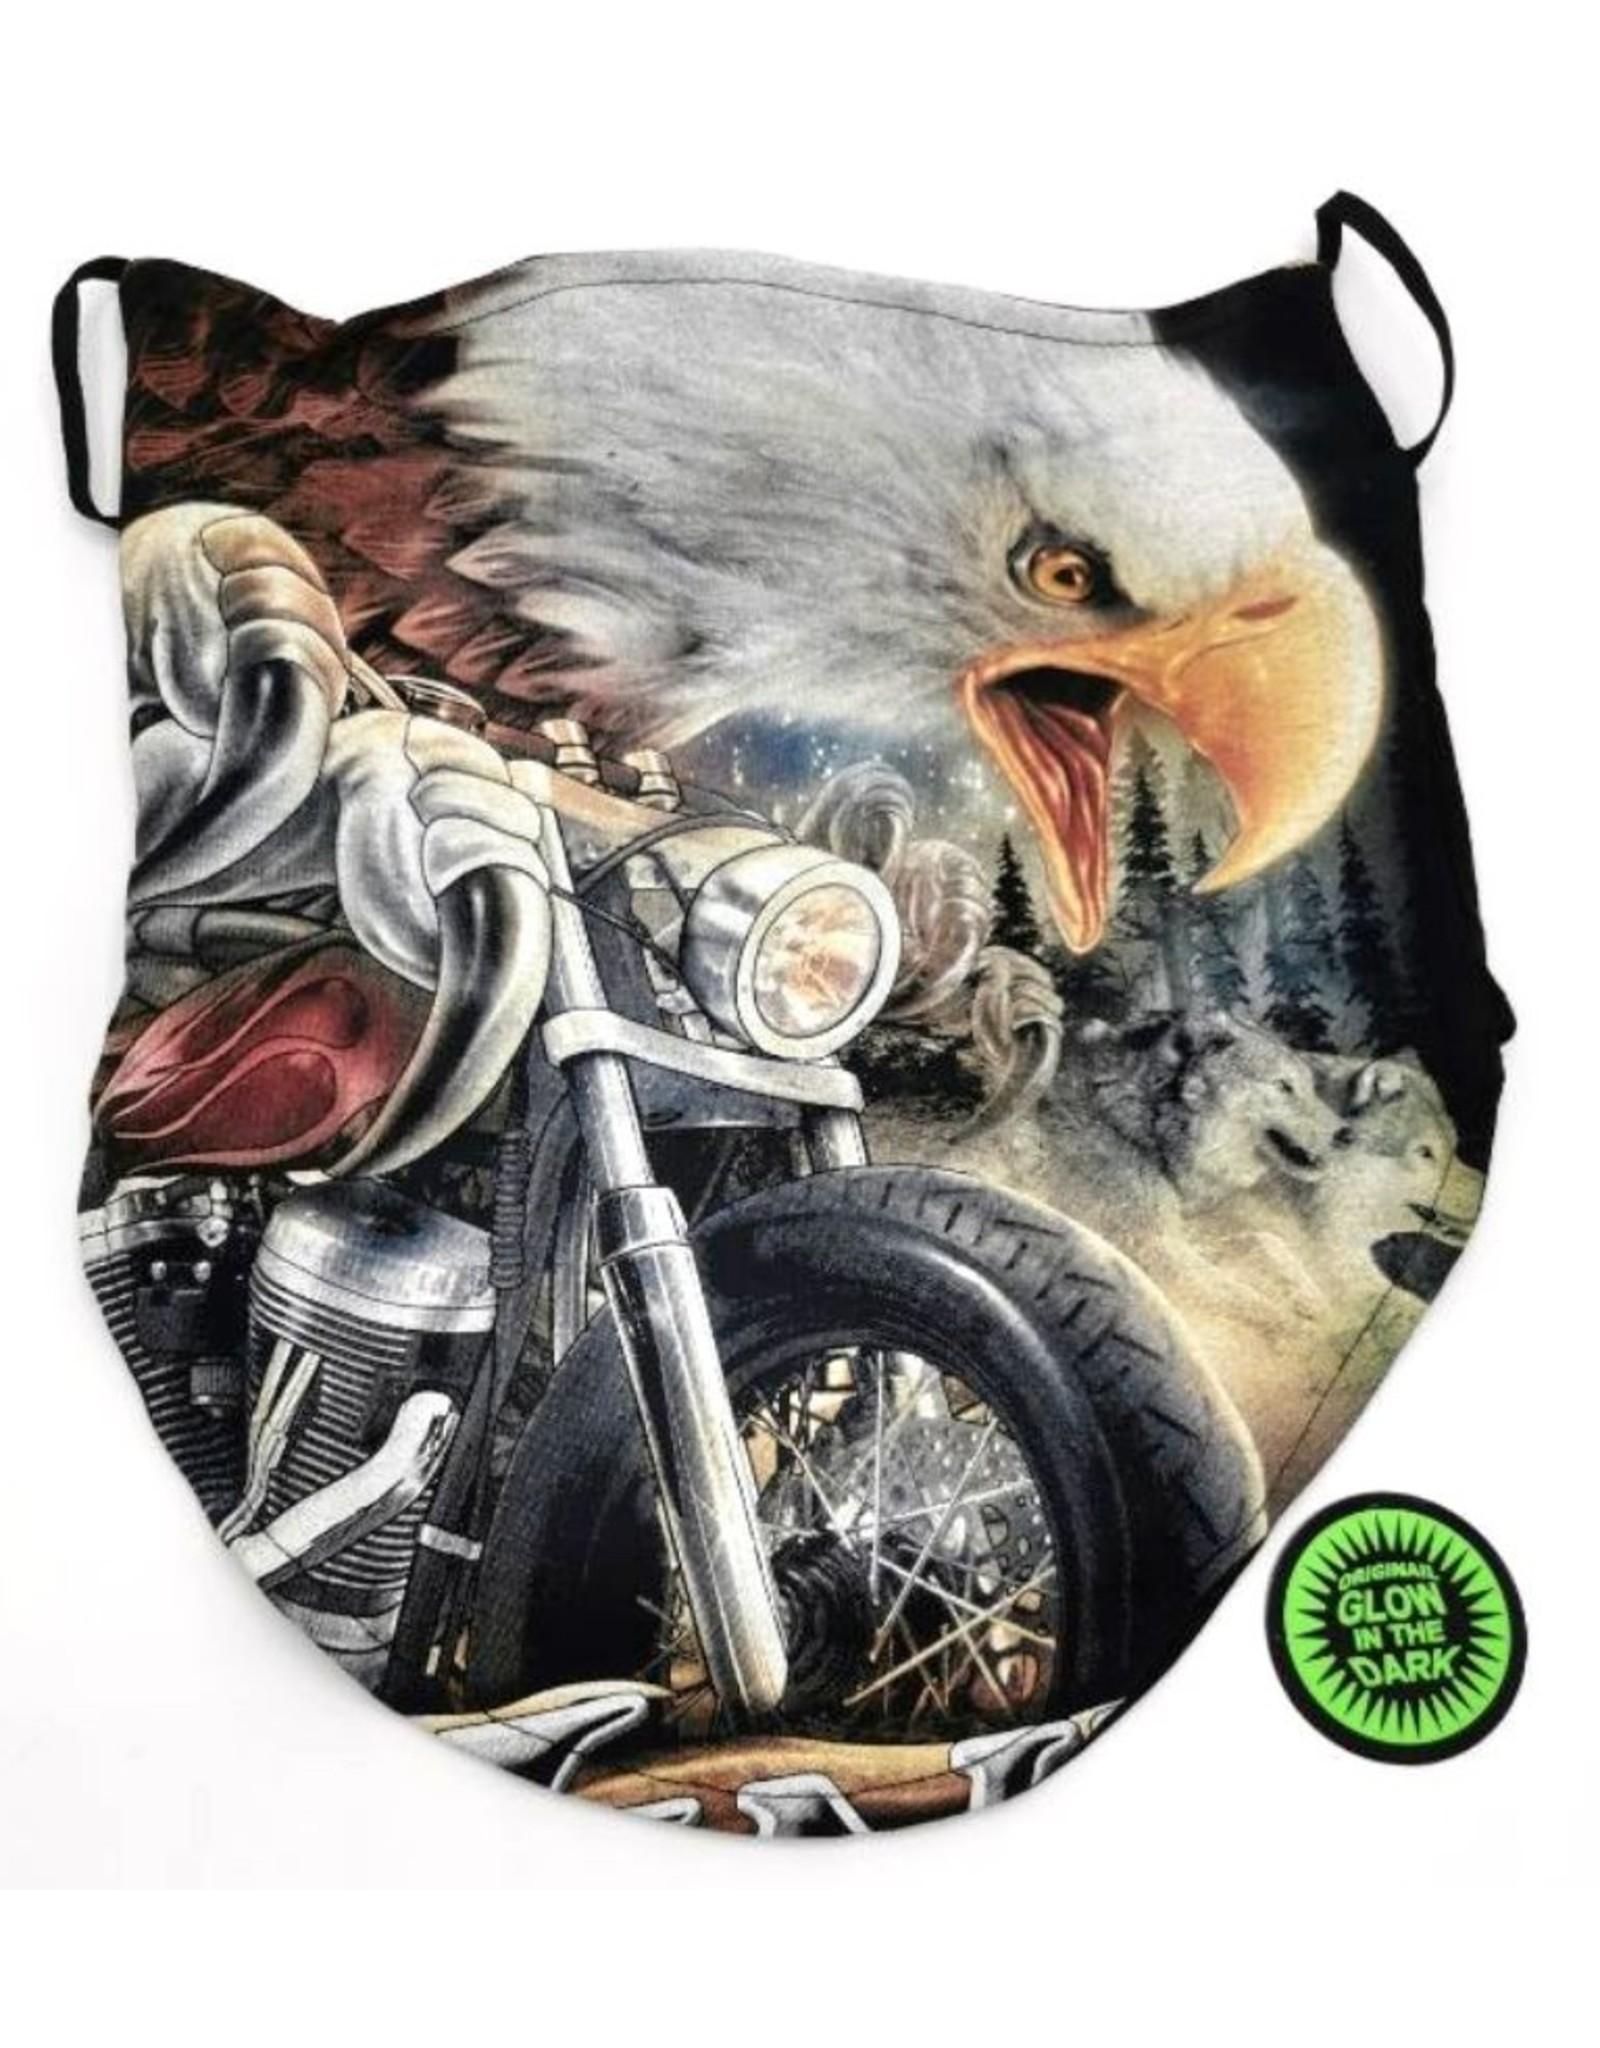 Wild Design Biker sjaals - Biker-sjaal Adelaar op Motor